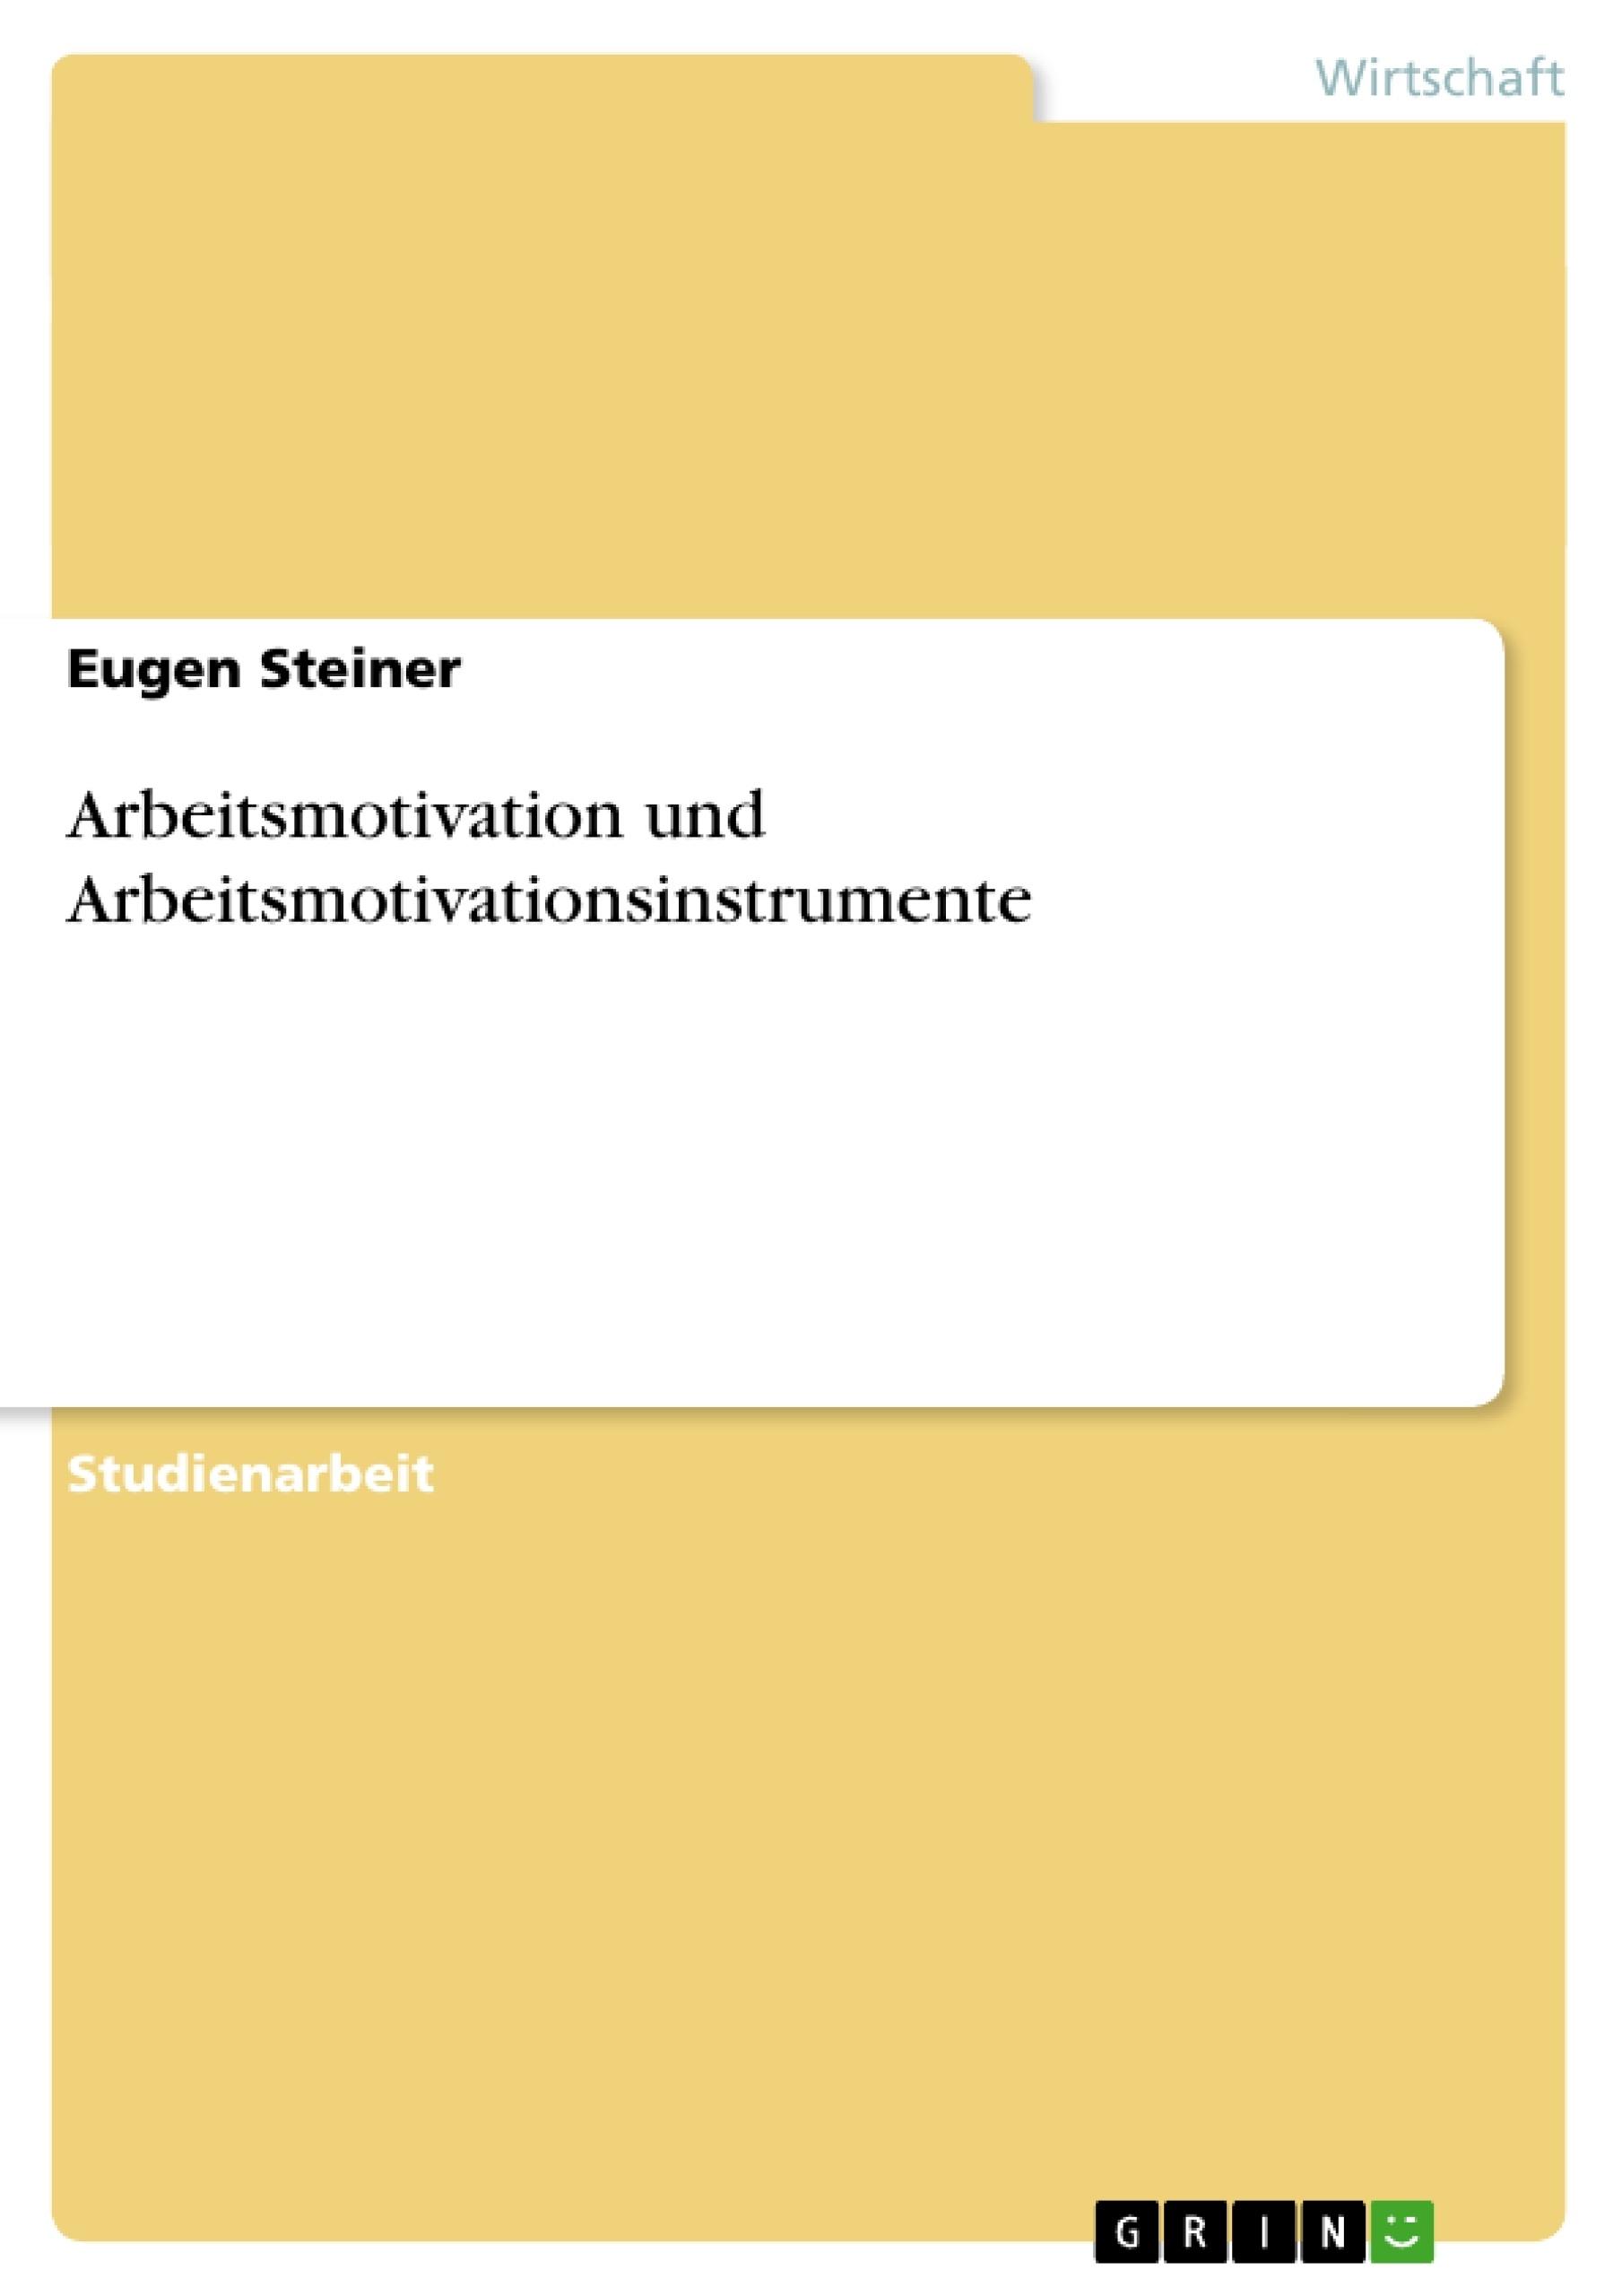 Titel: Arbeitsmotivation und Arbeitsmotivationsinstrumente